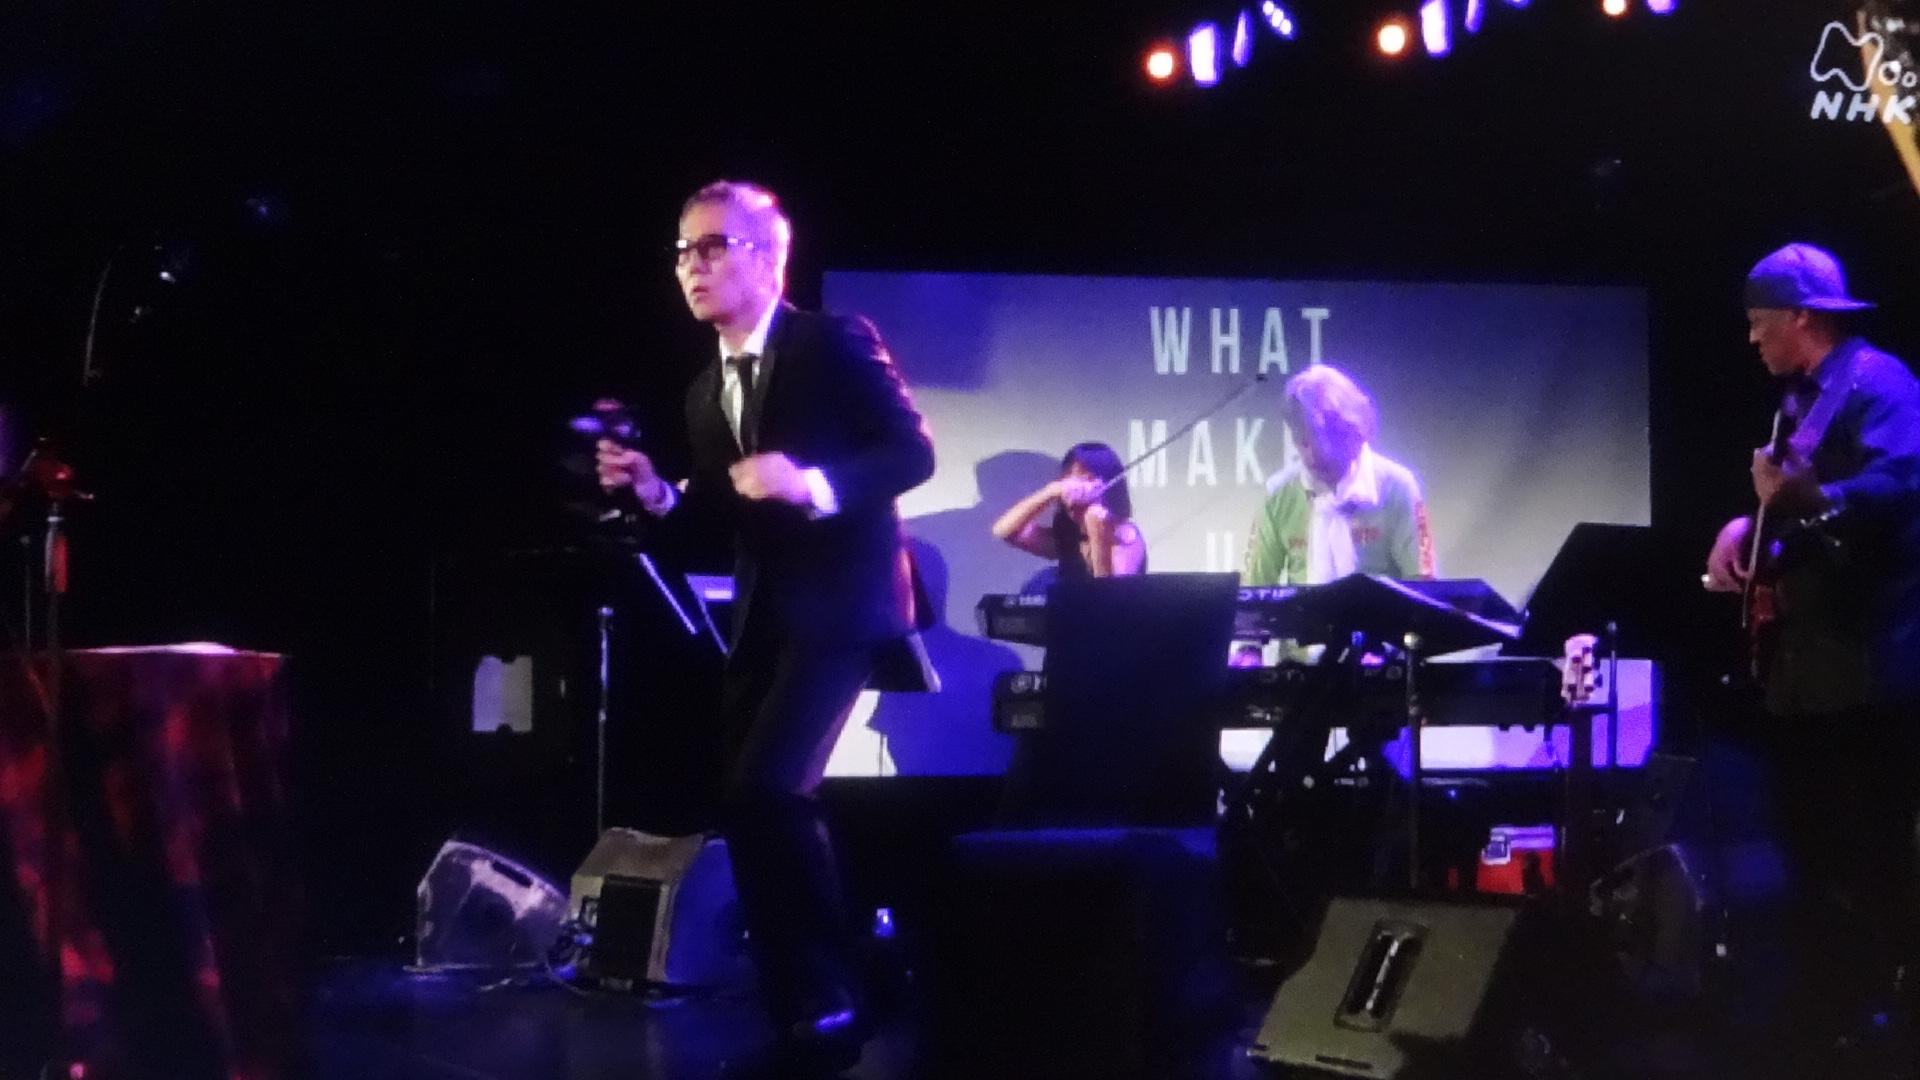 ニューヨークライブハウスのステージで詩を朗読する佐野元春2